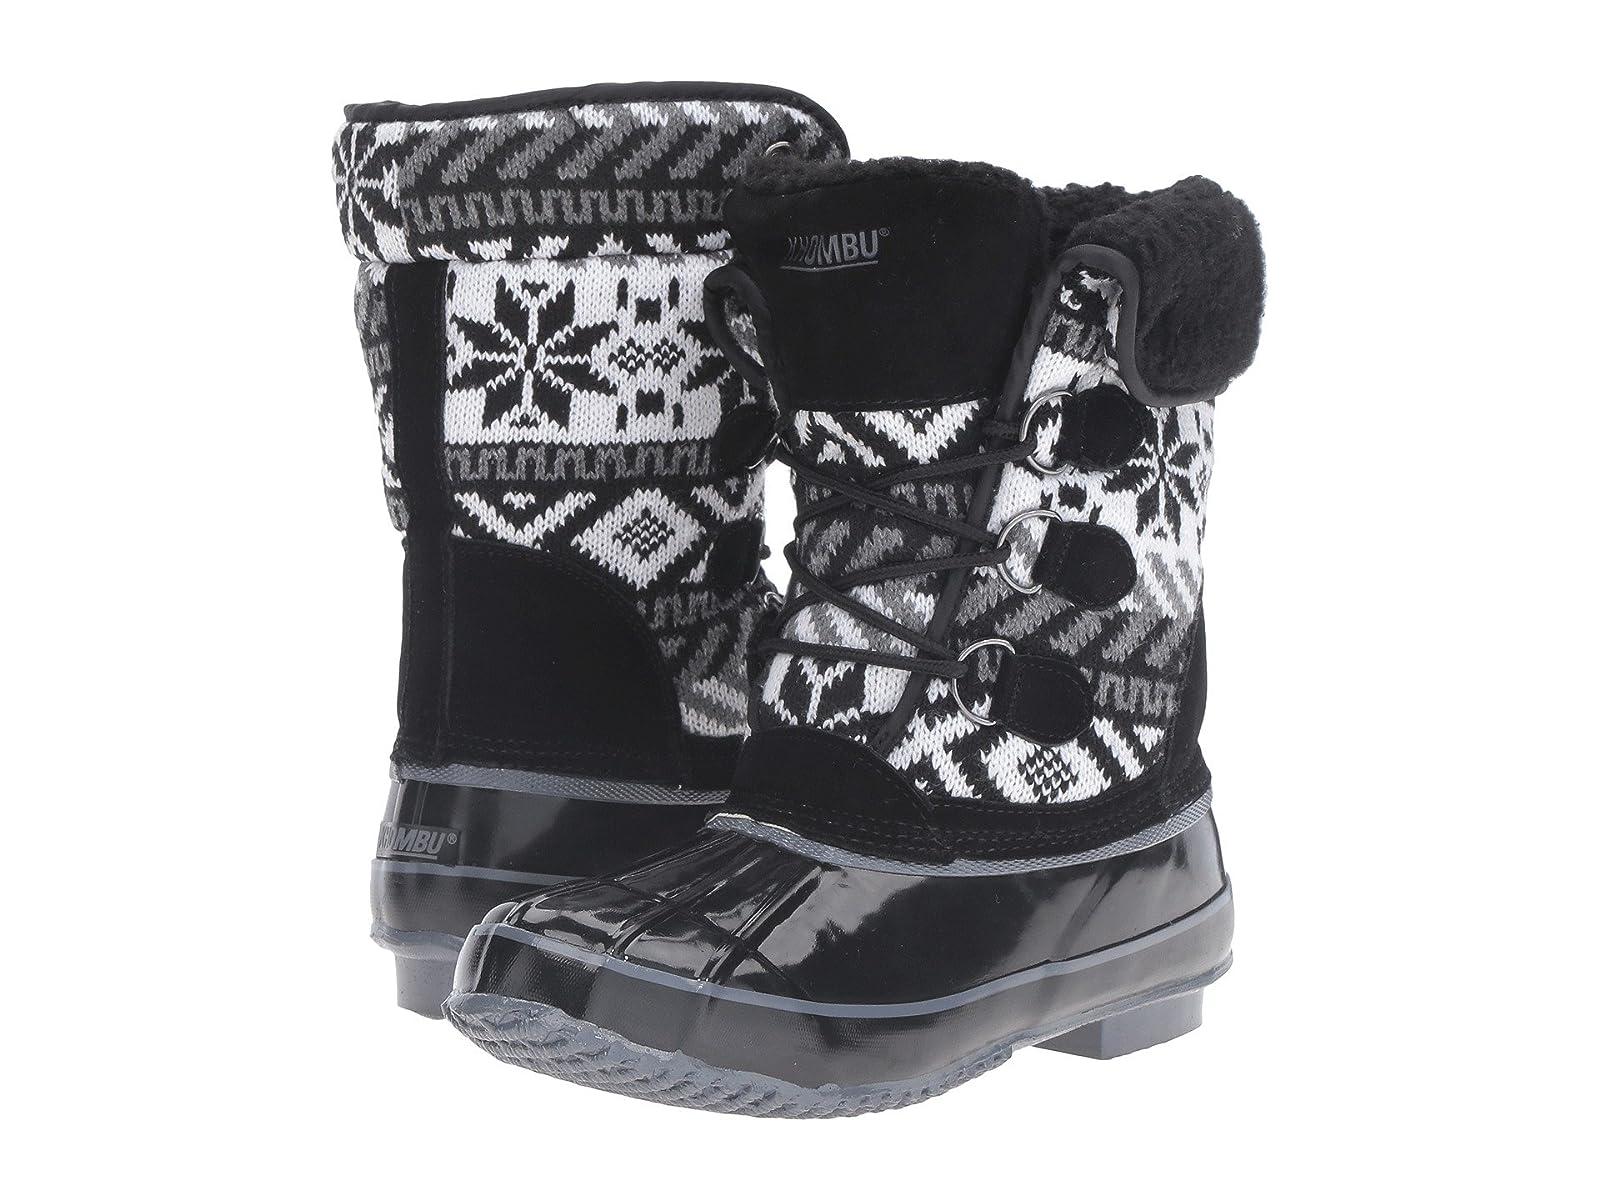 Khombu MayanaCheap and distinctive eye-catching shoes